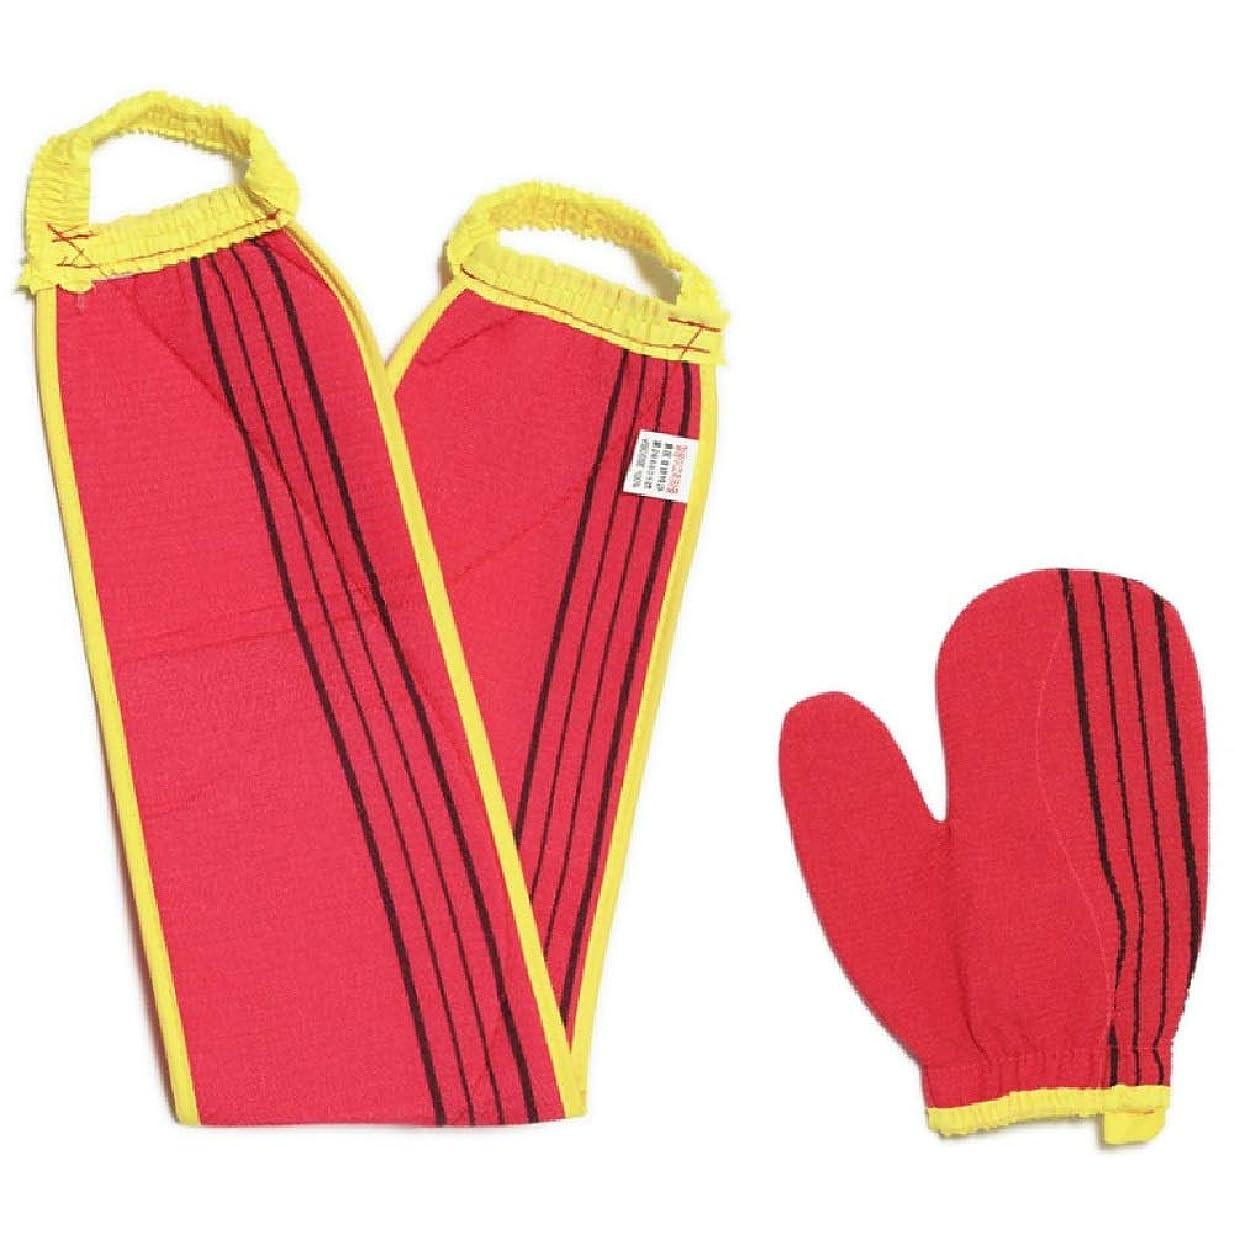 用心セグメント自慢(韓国ブランド)スポンジあかすりセット 全身あかすり 手袋と背中のあかすり 全身エステ 両面つばあかすり お風呂グッズ ボディタオル ボディースポンジ (赤色セット)